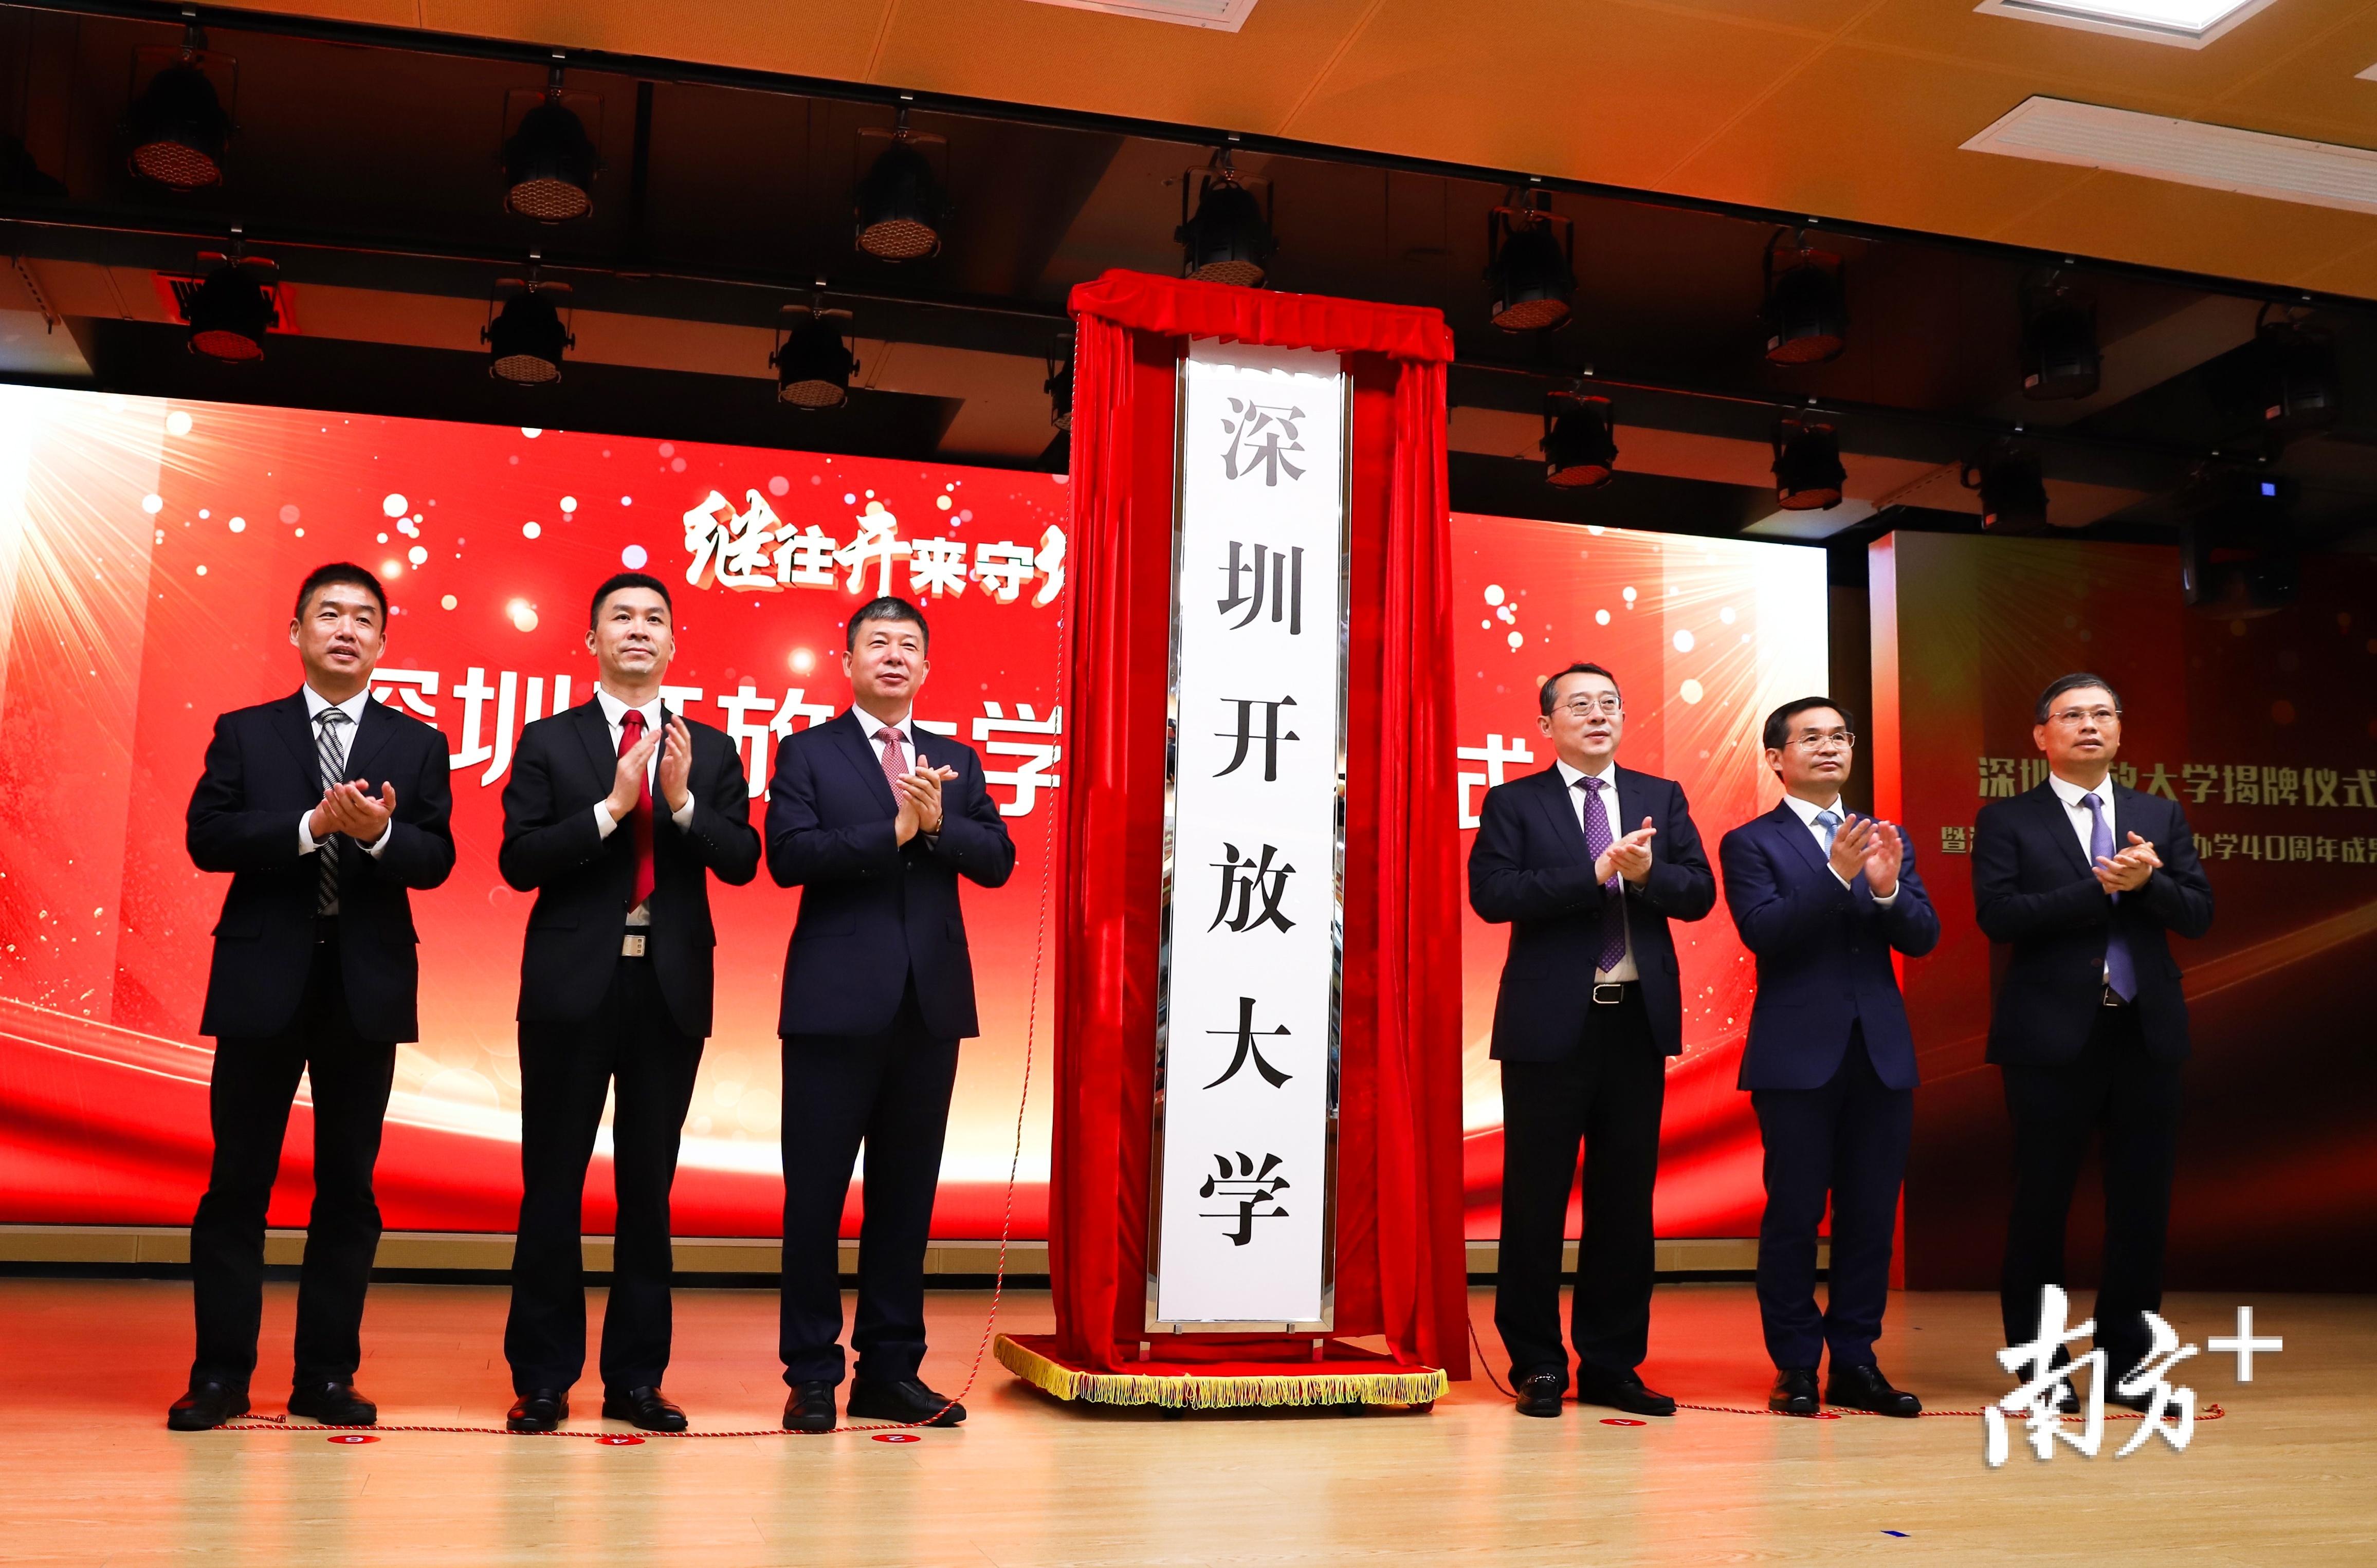 深圳开放大学来了